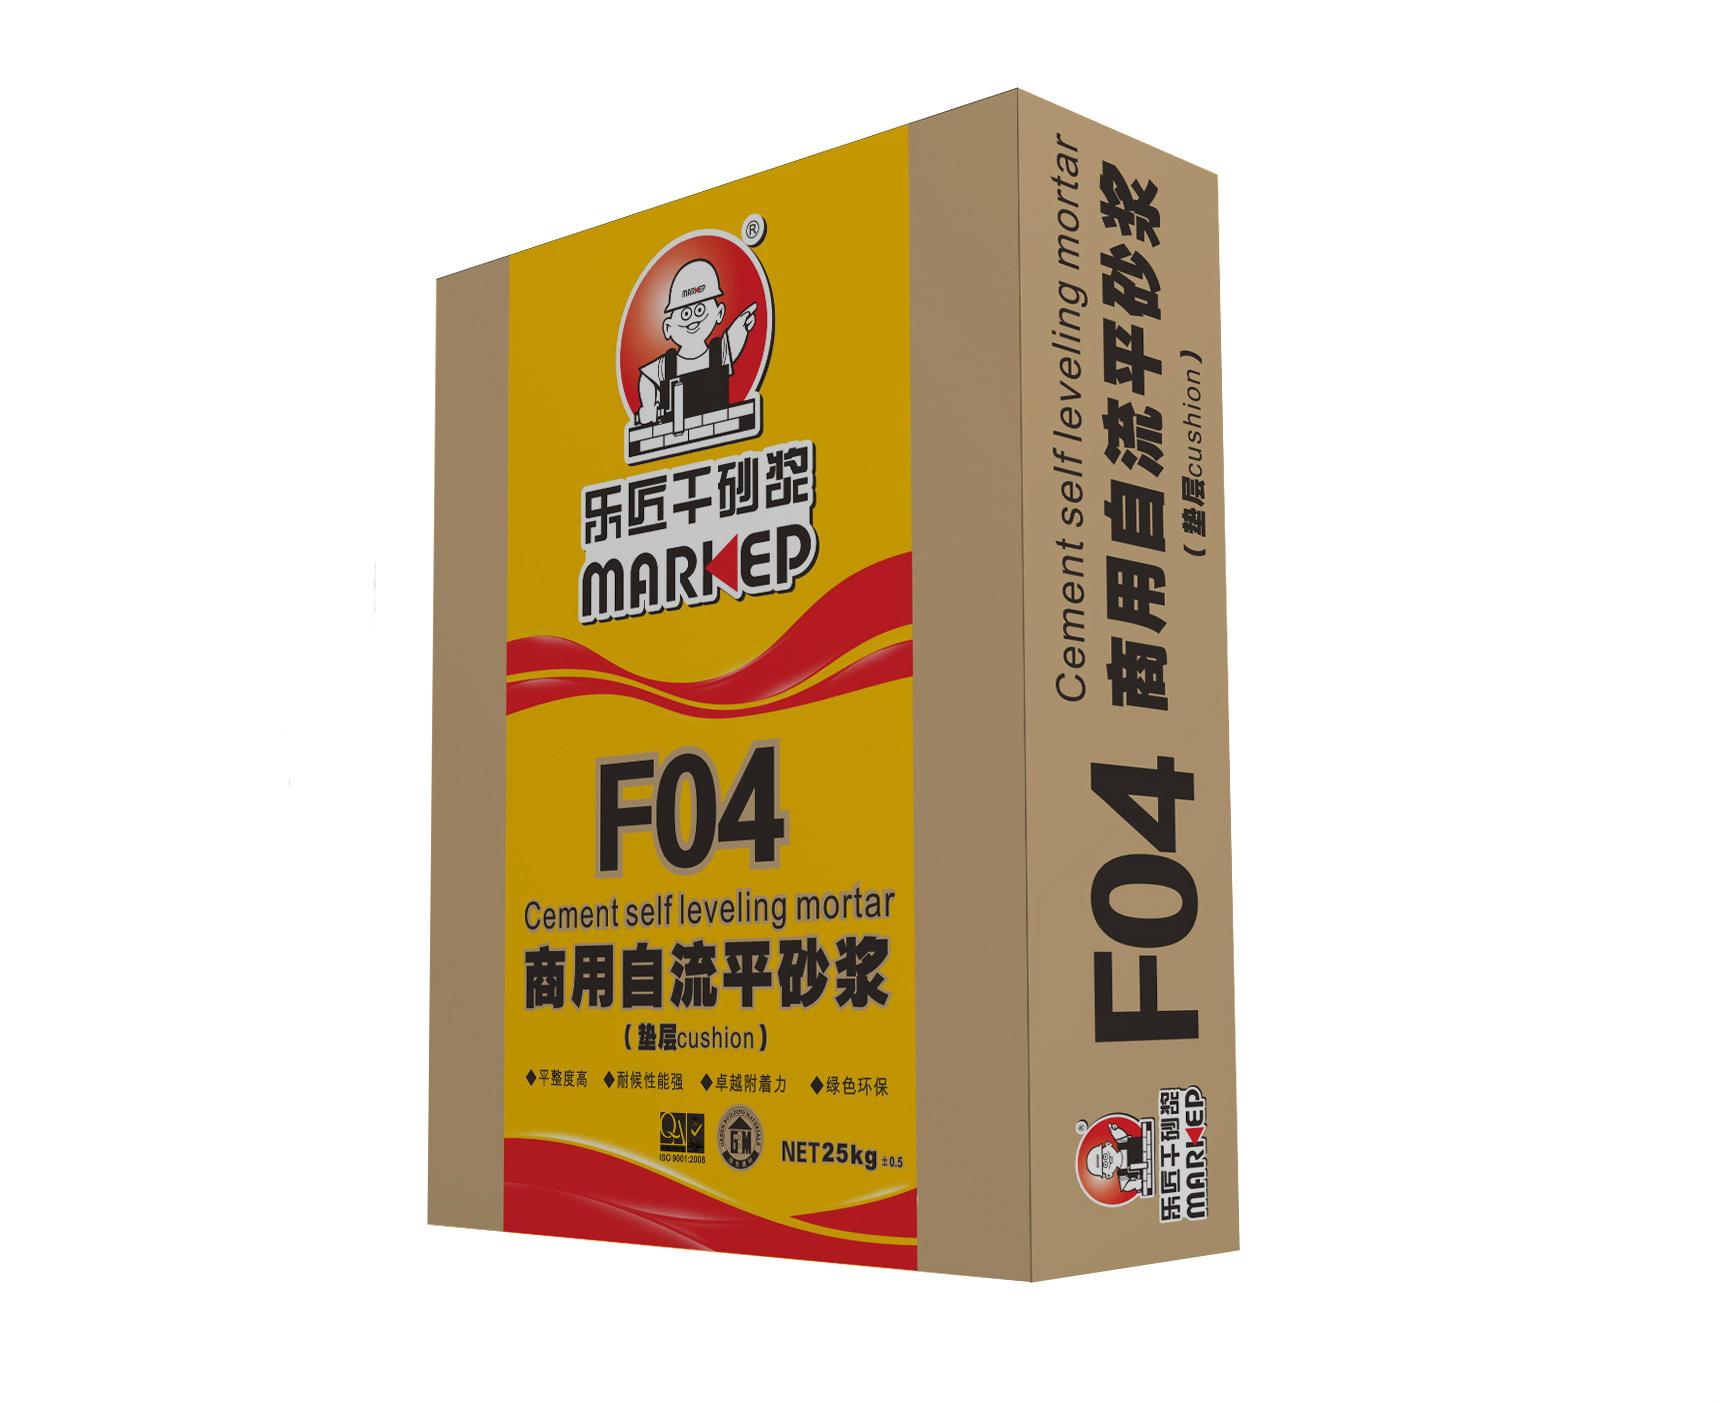 F04商用自流平砂浆(垫层)